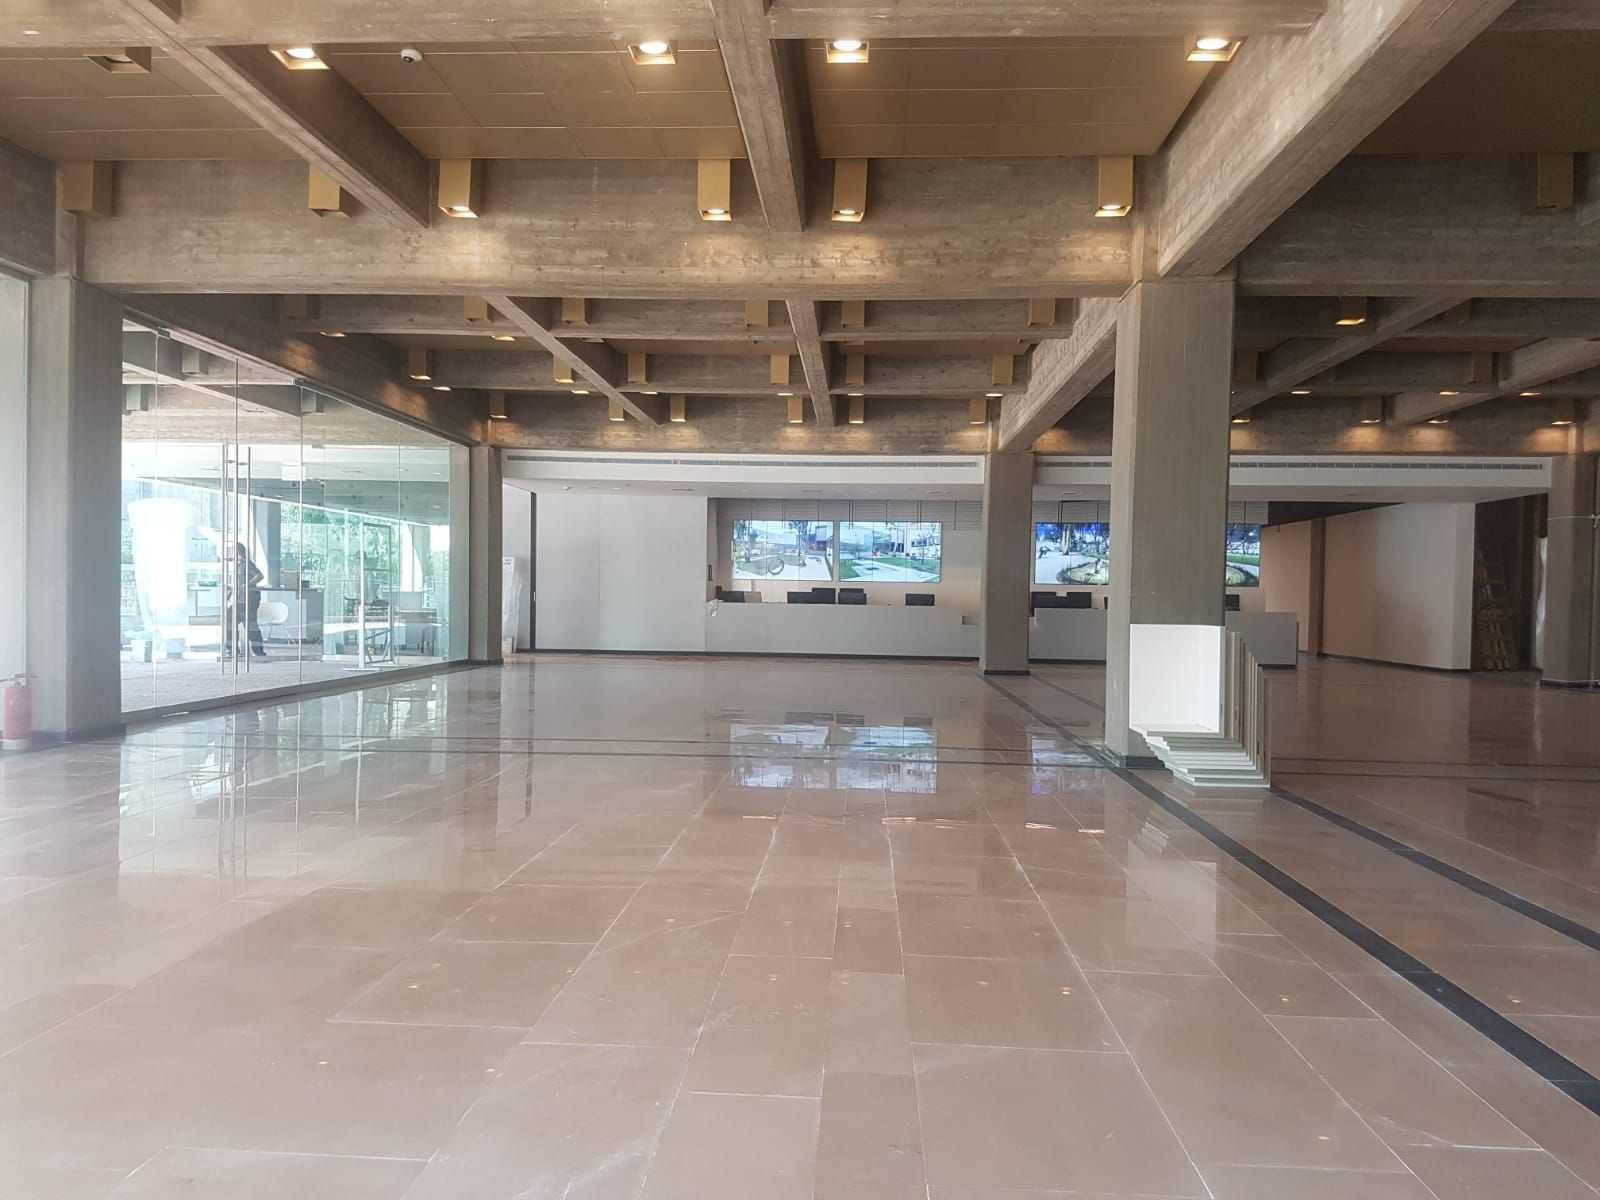 מוזיאון תל אביב לאמנות תמונה מספר 3